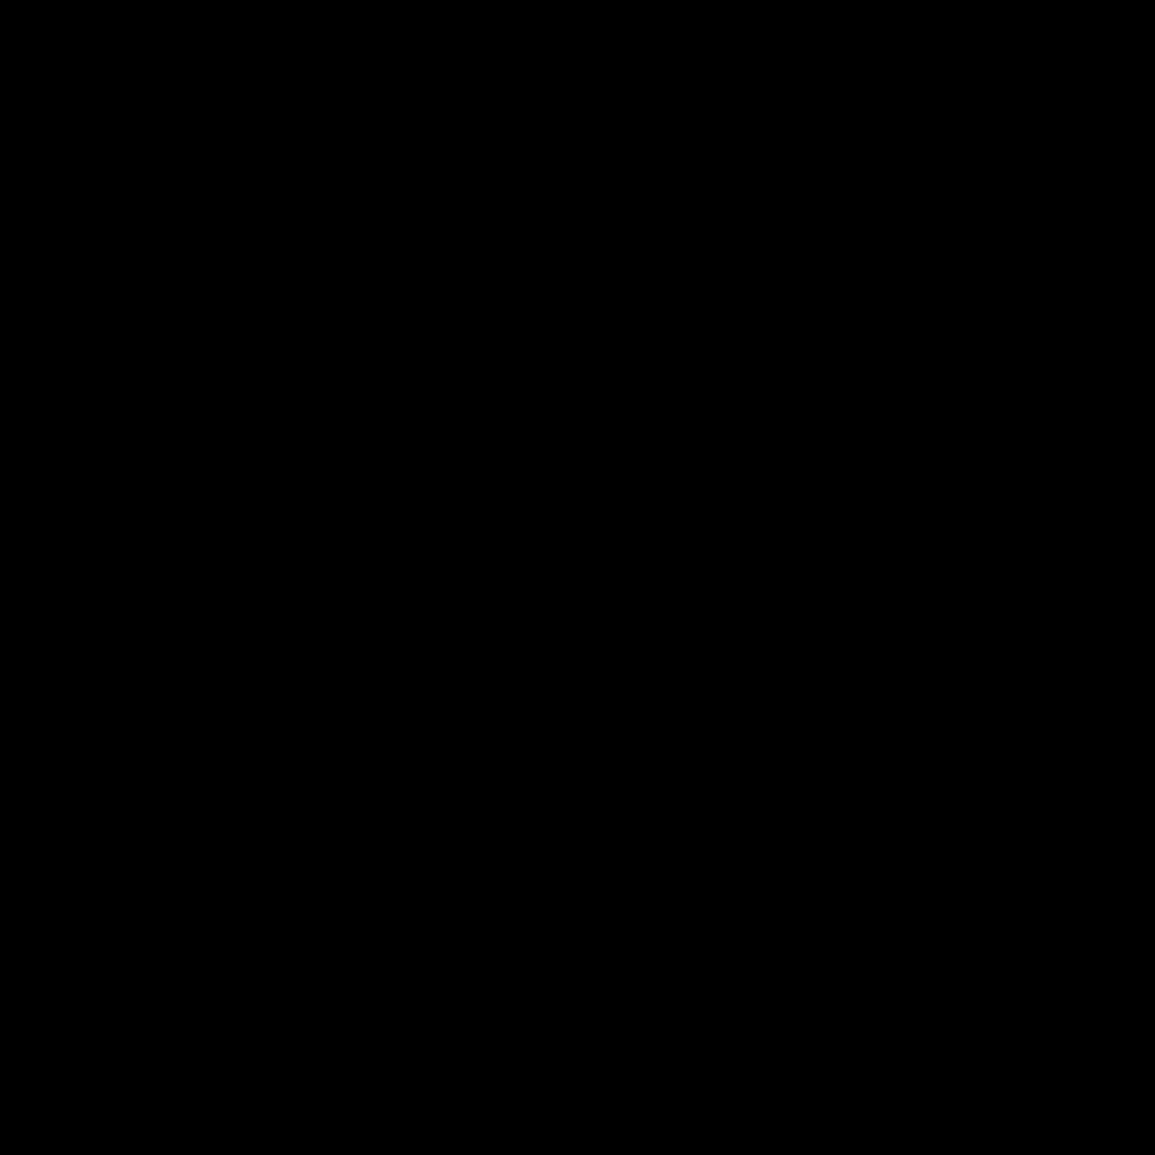 イナピエロ M MEPR 字形見本